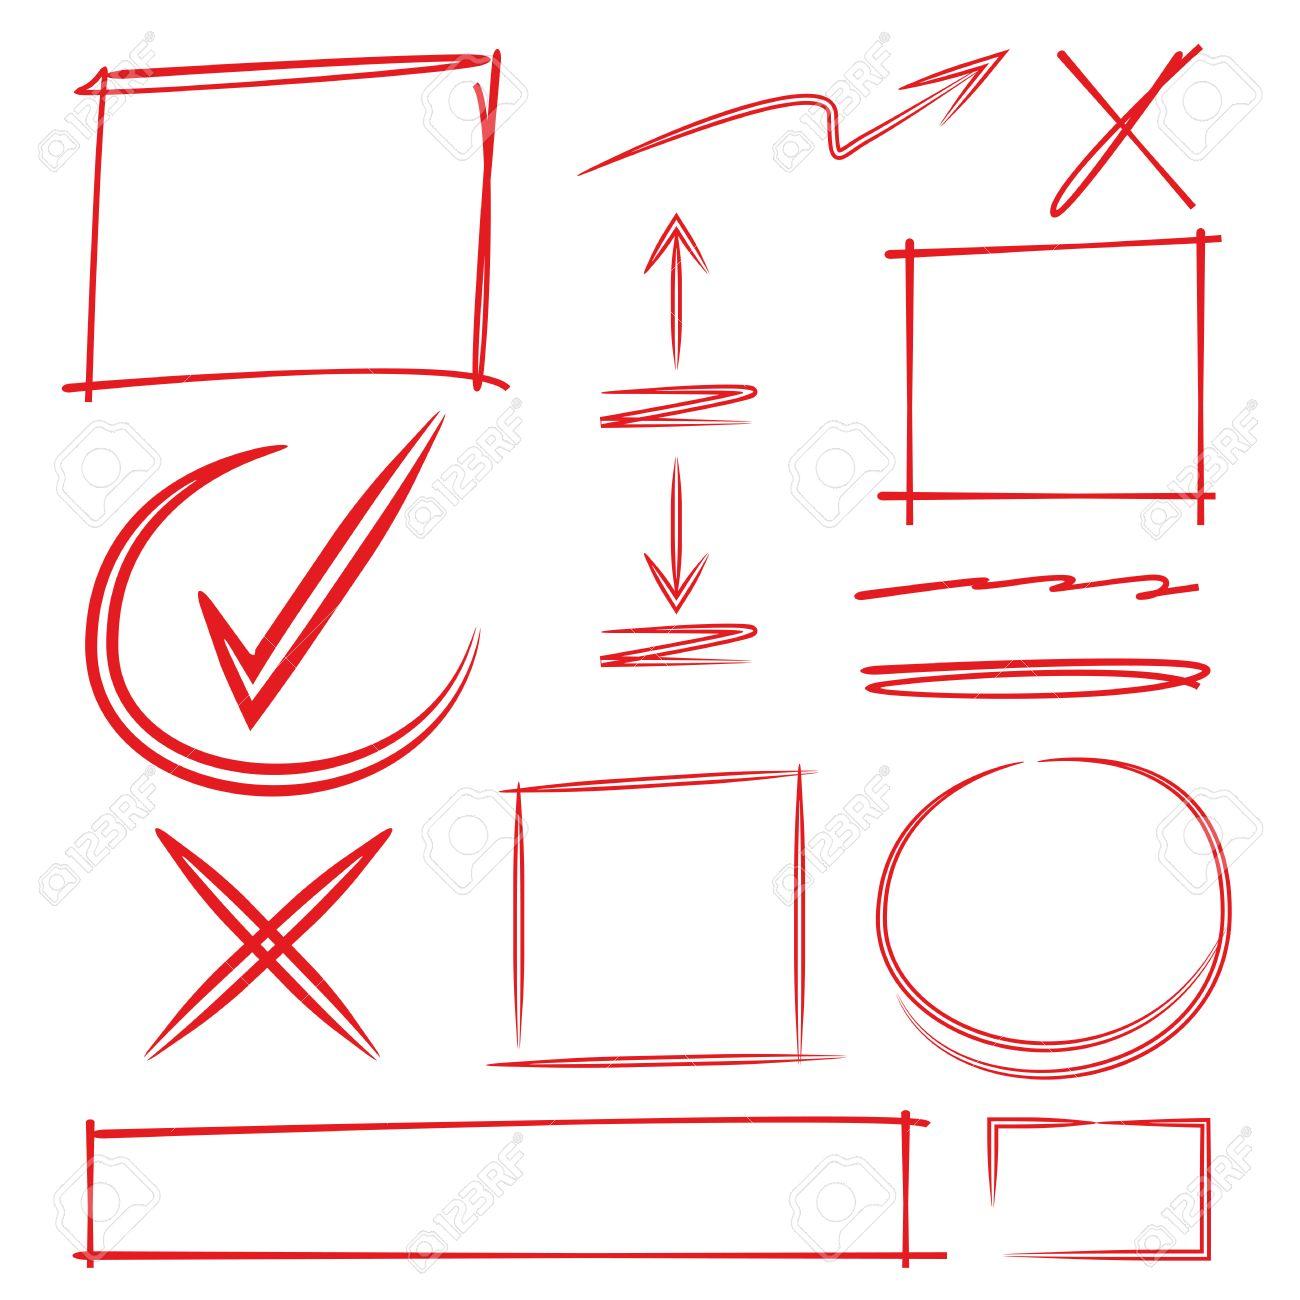 Control, Marca, Diagrama, El Subrayado, Resaltado, Dibujado, Mano ...